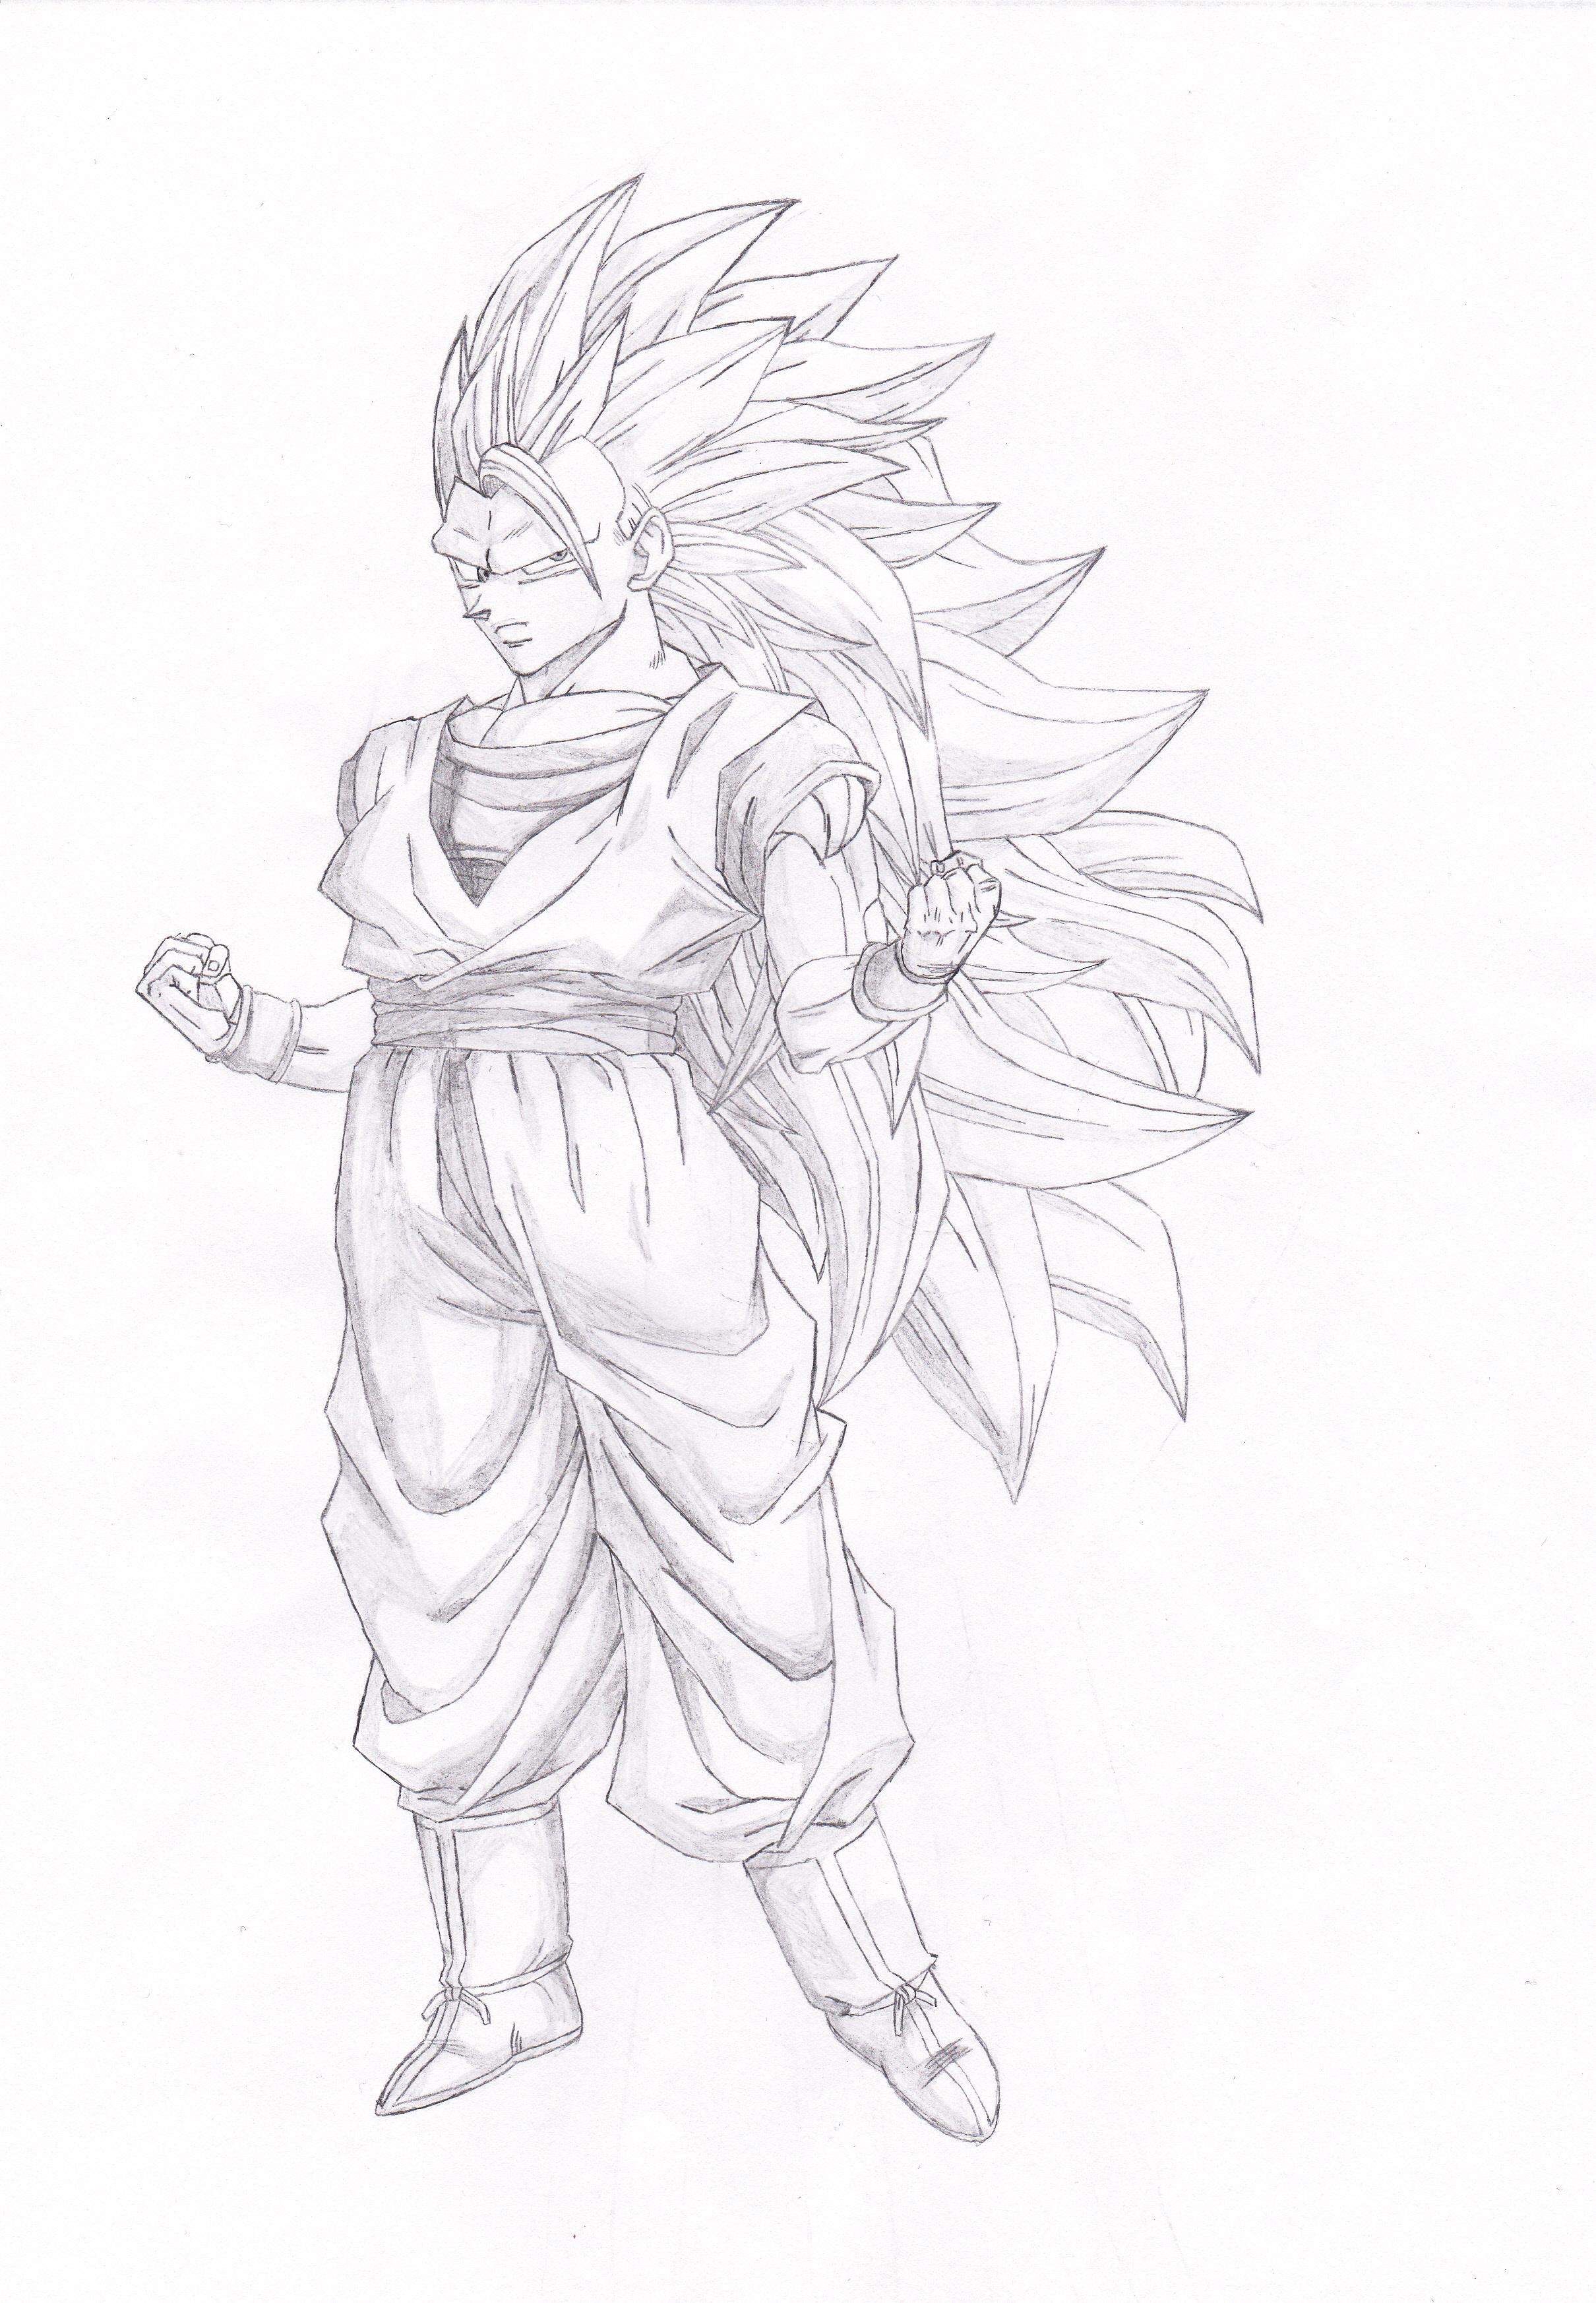 Dragon Ball Z Sangoku Super Sayan 3 By Kronos76 On Deviantart